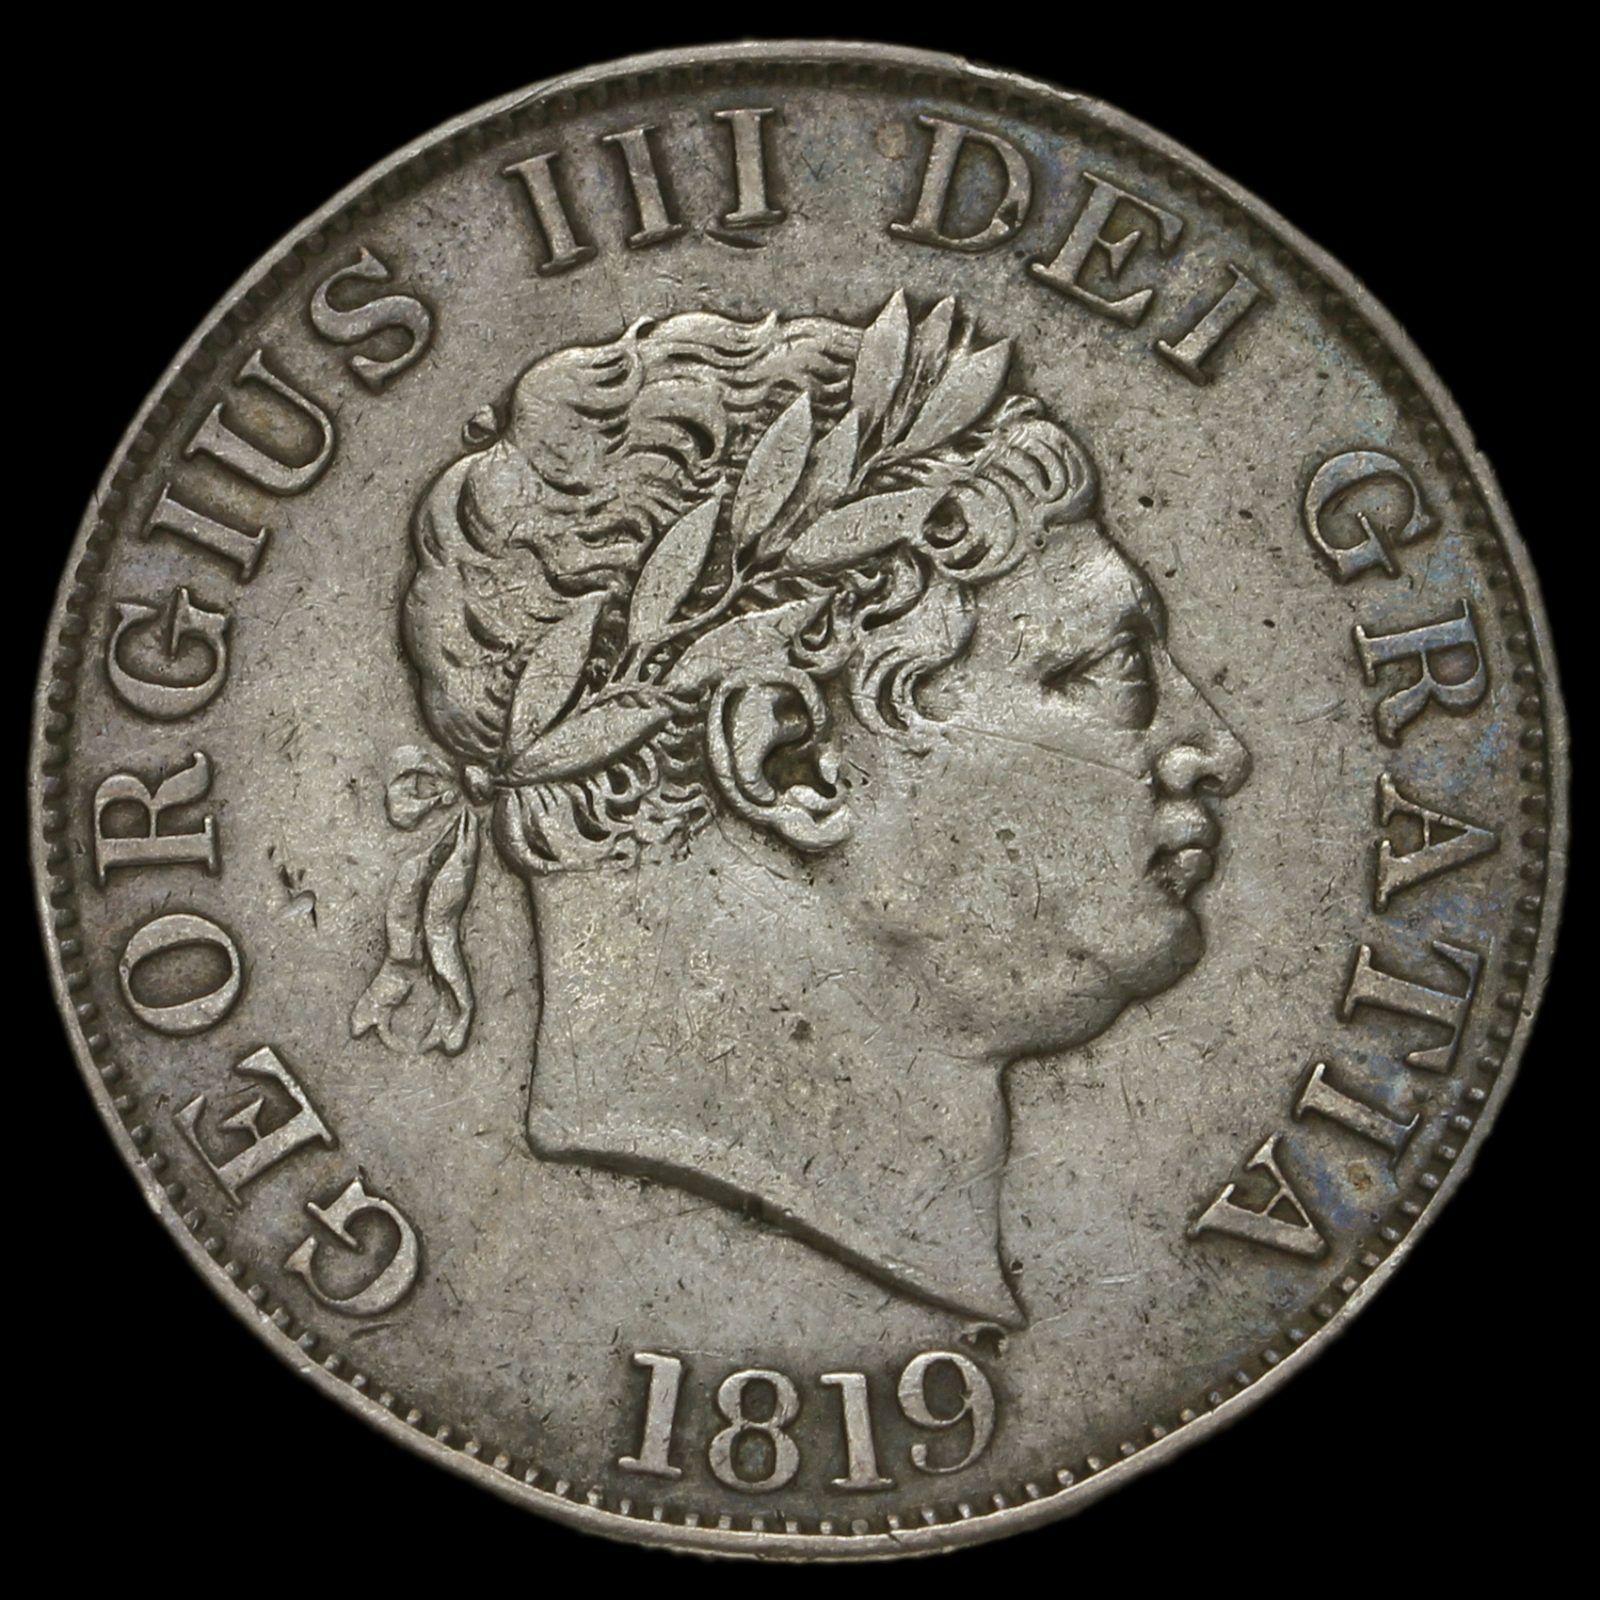 1819 silver coin